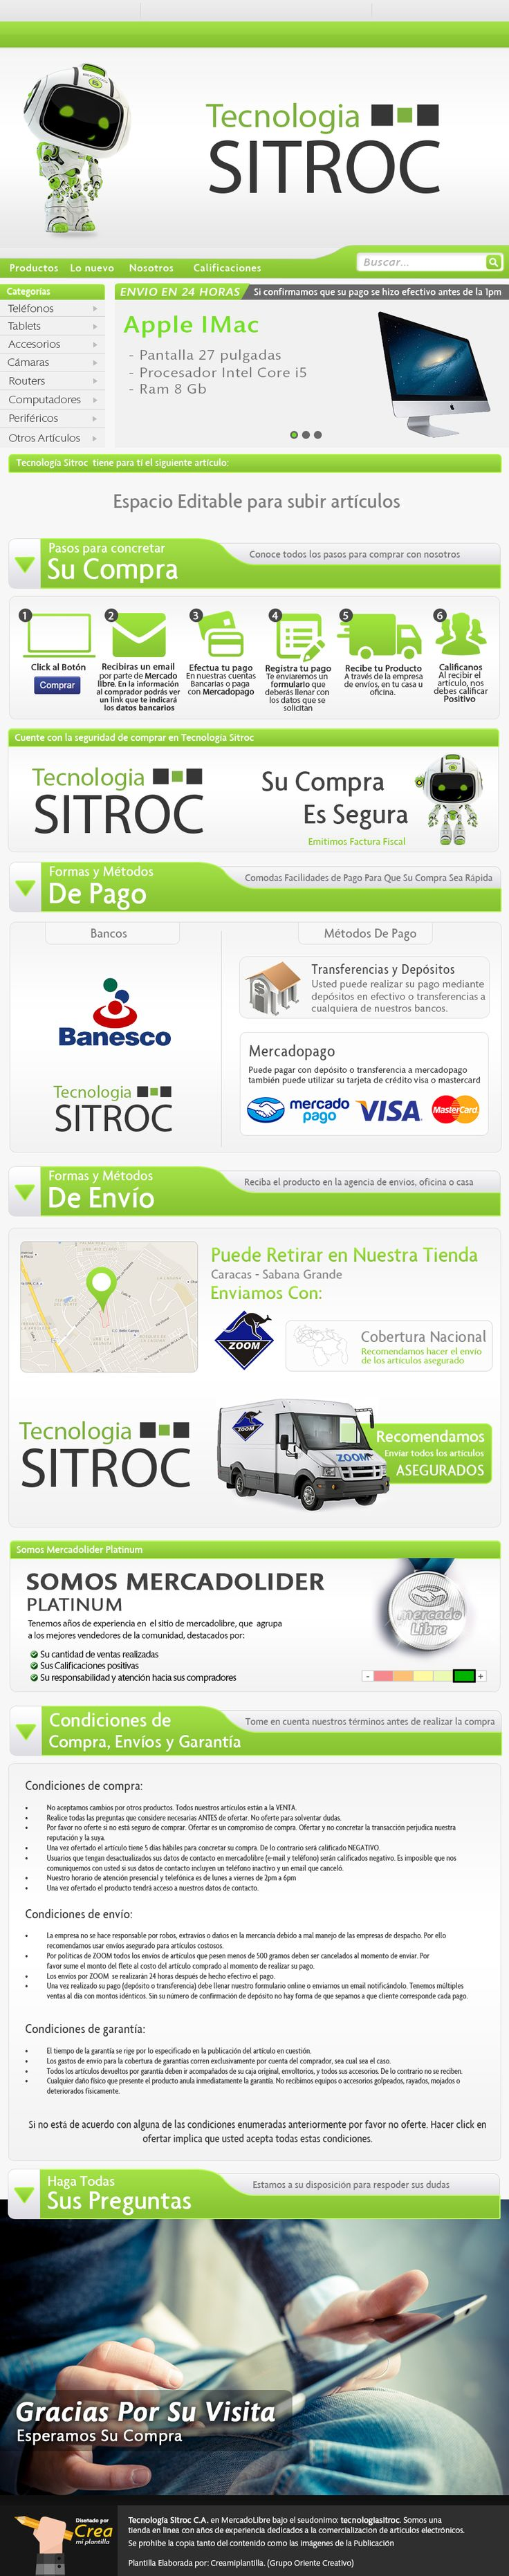 TECNOLOGÍA SITROC- Venta de accesorios para Teléfonos. Elaborado por Crea mi Plantilla nuestra división encargada de diseñar Plantillas para Mercadolibre, en el año 2015.